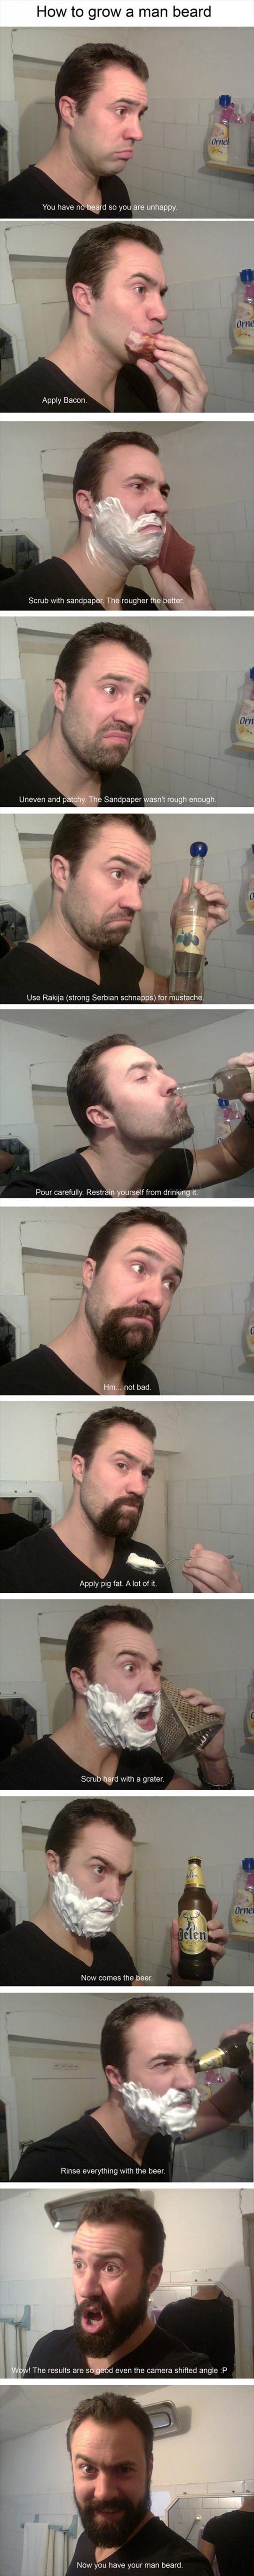 The Proper Way To Grow A Man Beard